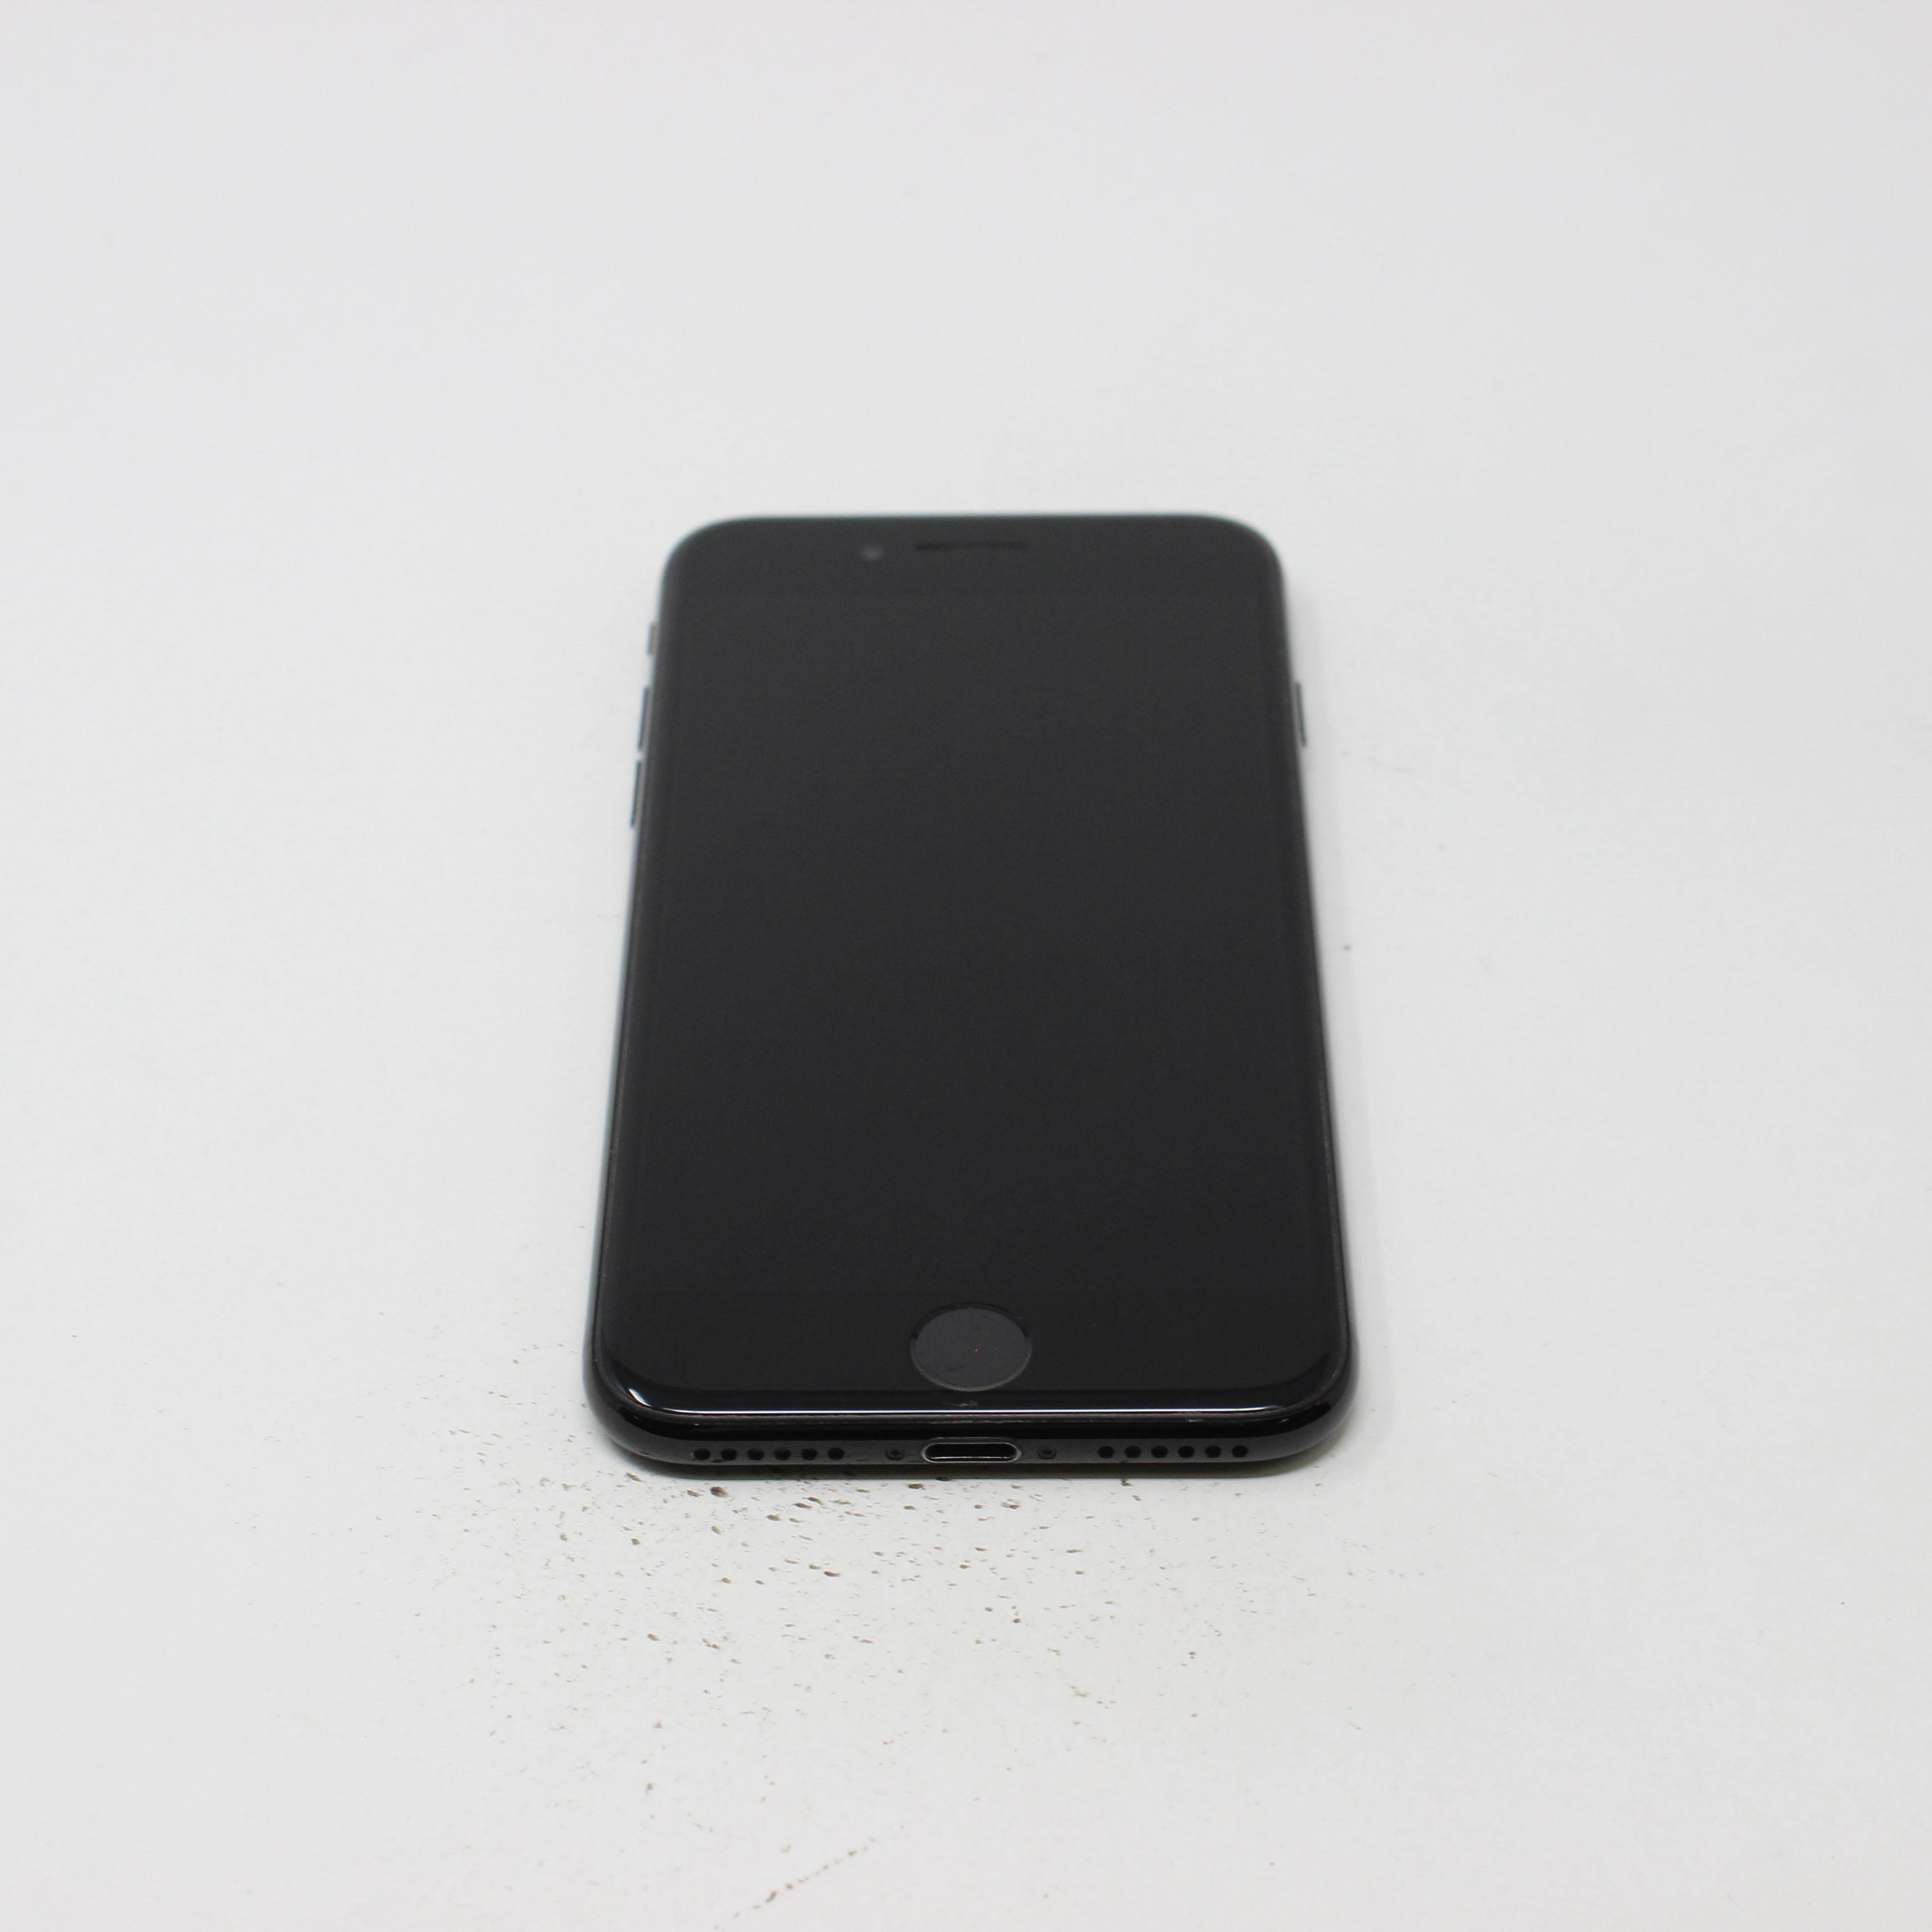 iPhone 7 128GB Black - AT&T photo 2 | UpTradeit.com